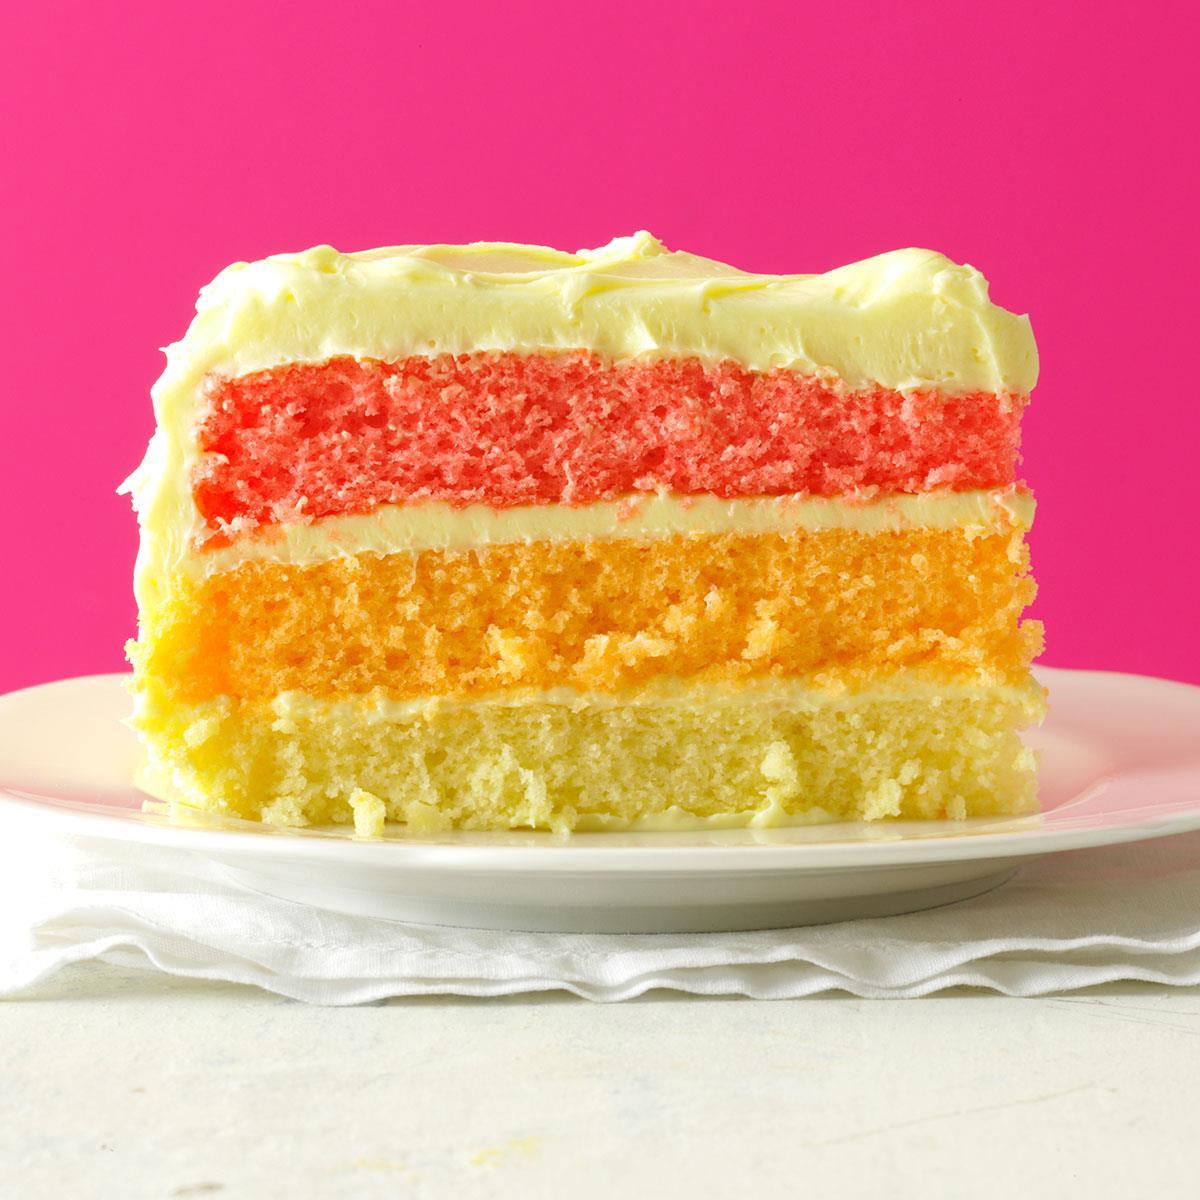 Layered Birthday Cake Recipes  Rainbow Layer Cake Recipe